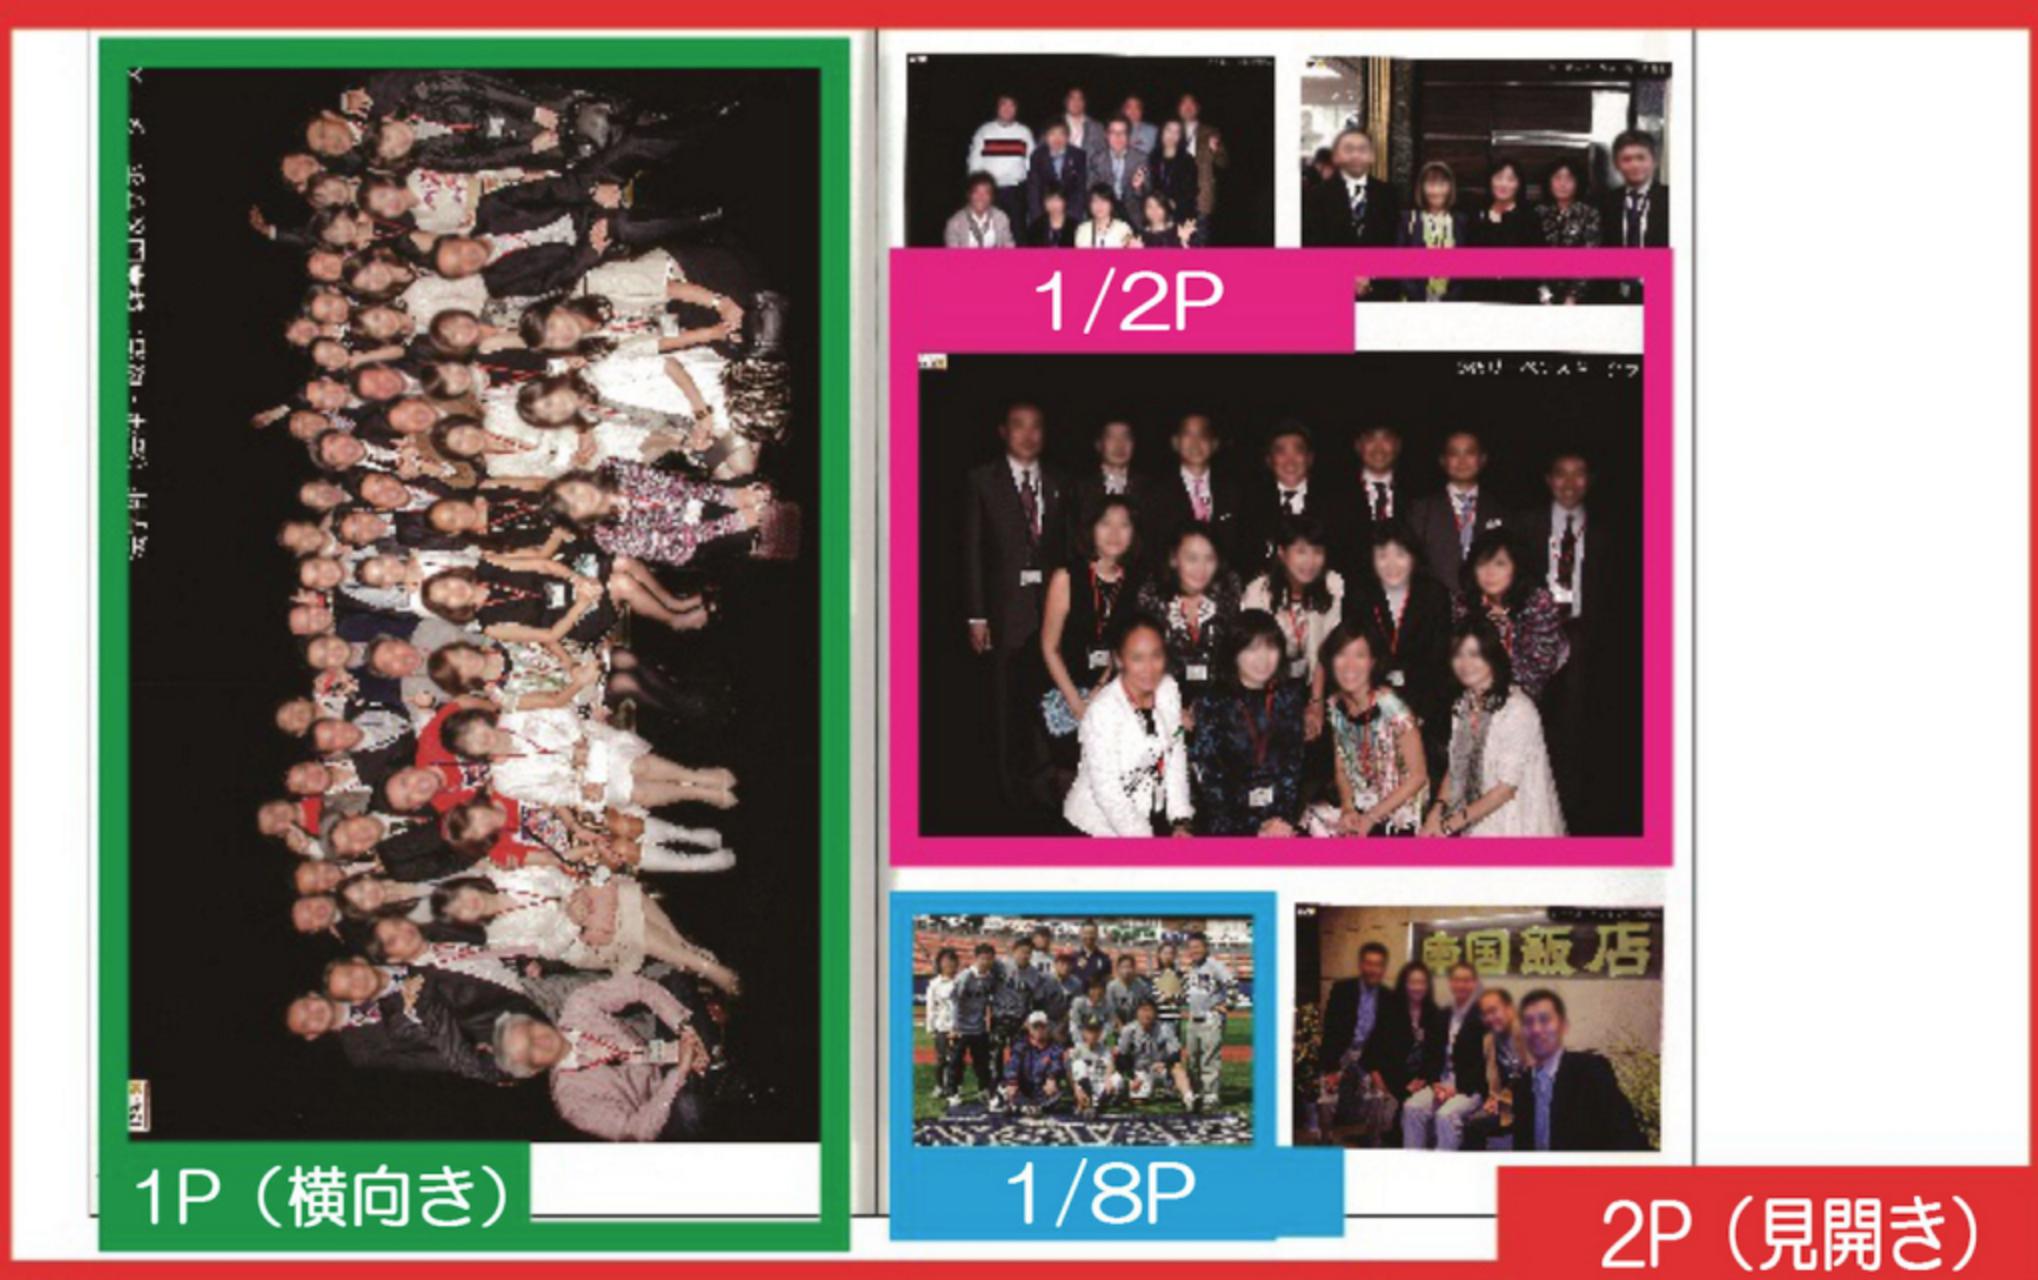 1991年三田会卒業25年記念誌の記念写真・協賛広告の募集が始まりました!